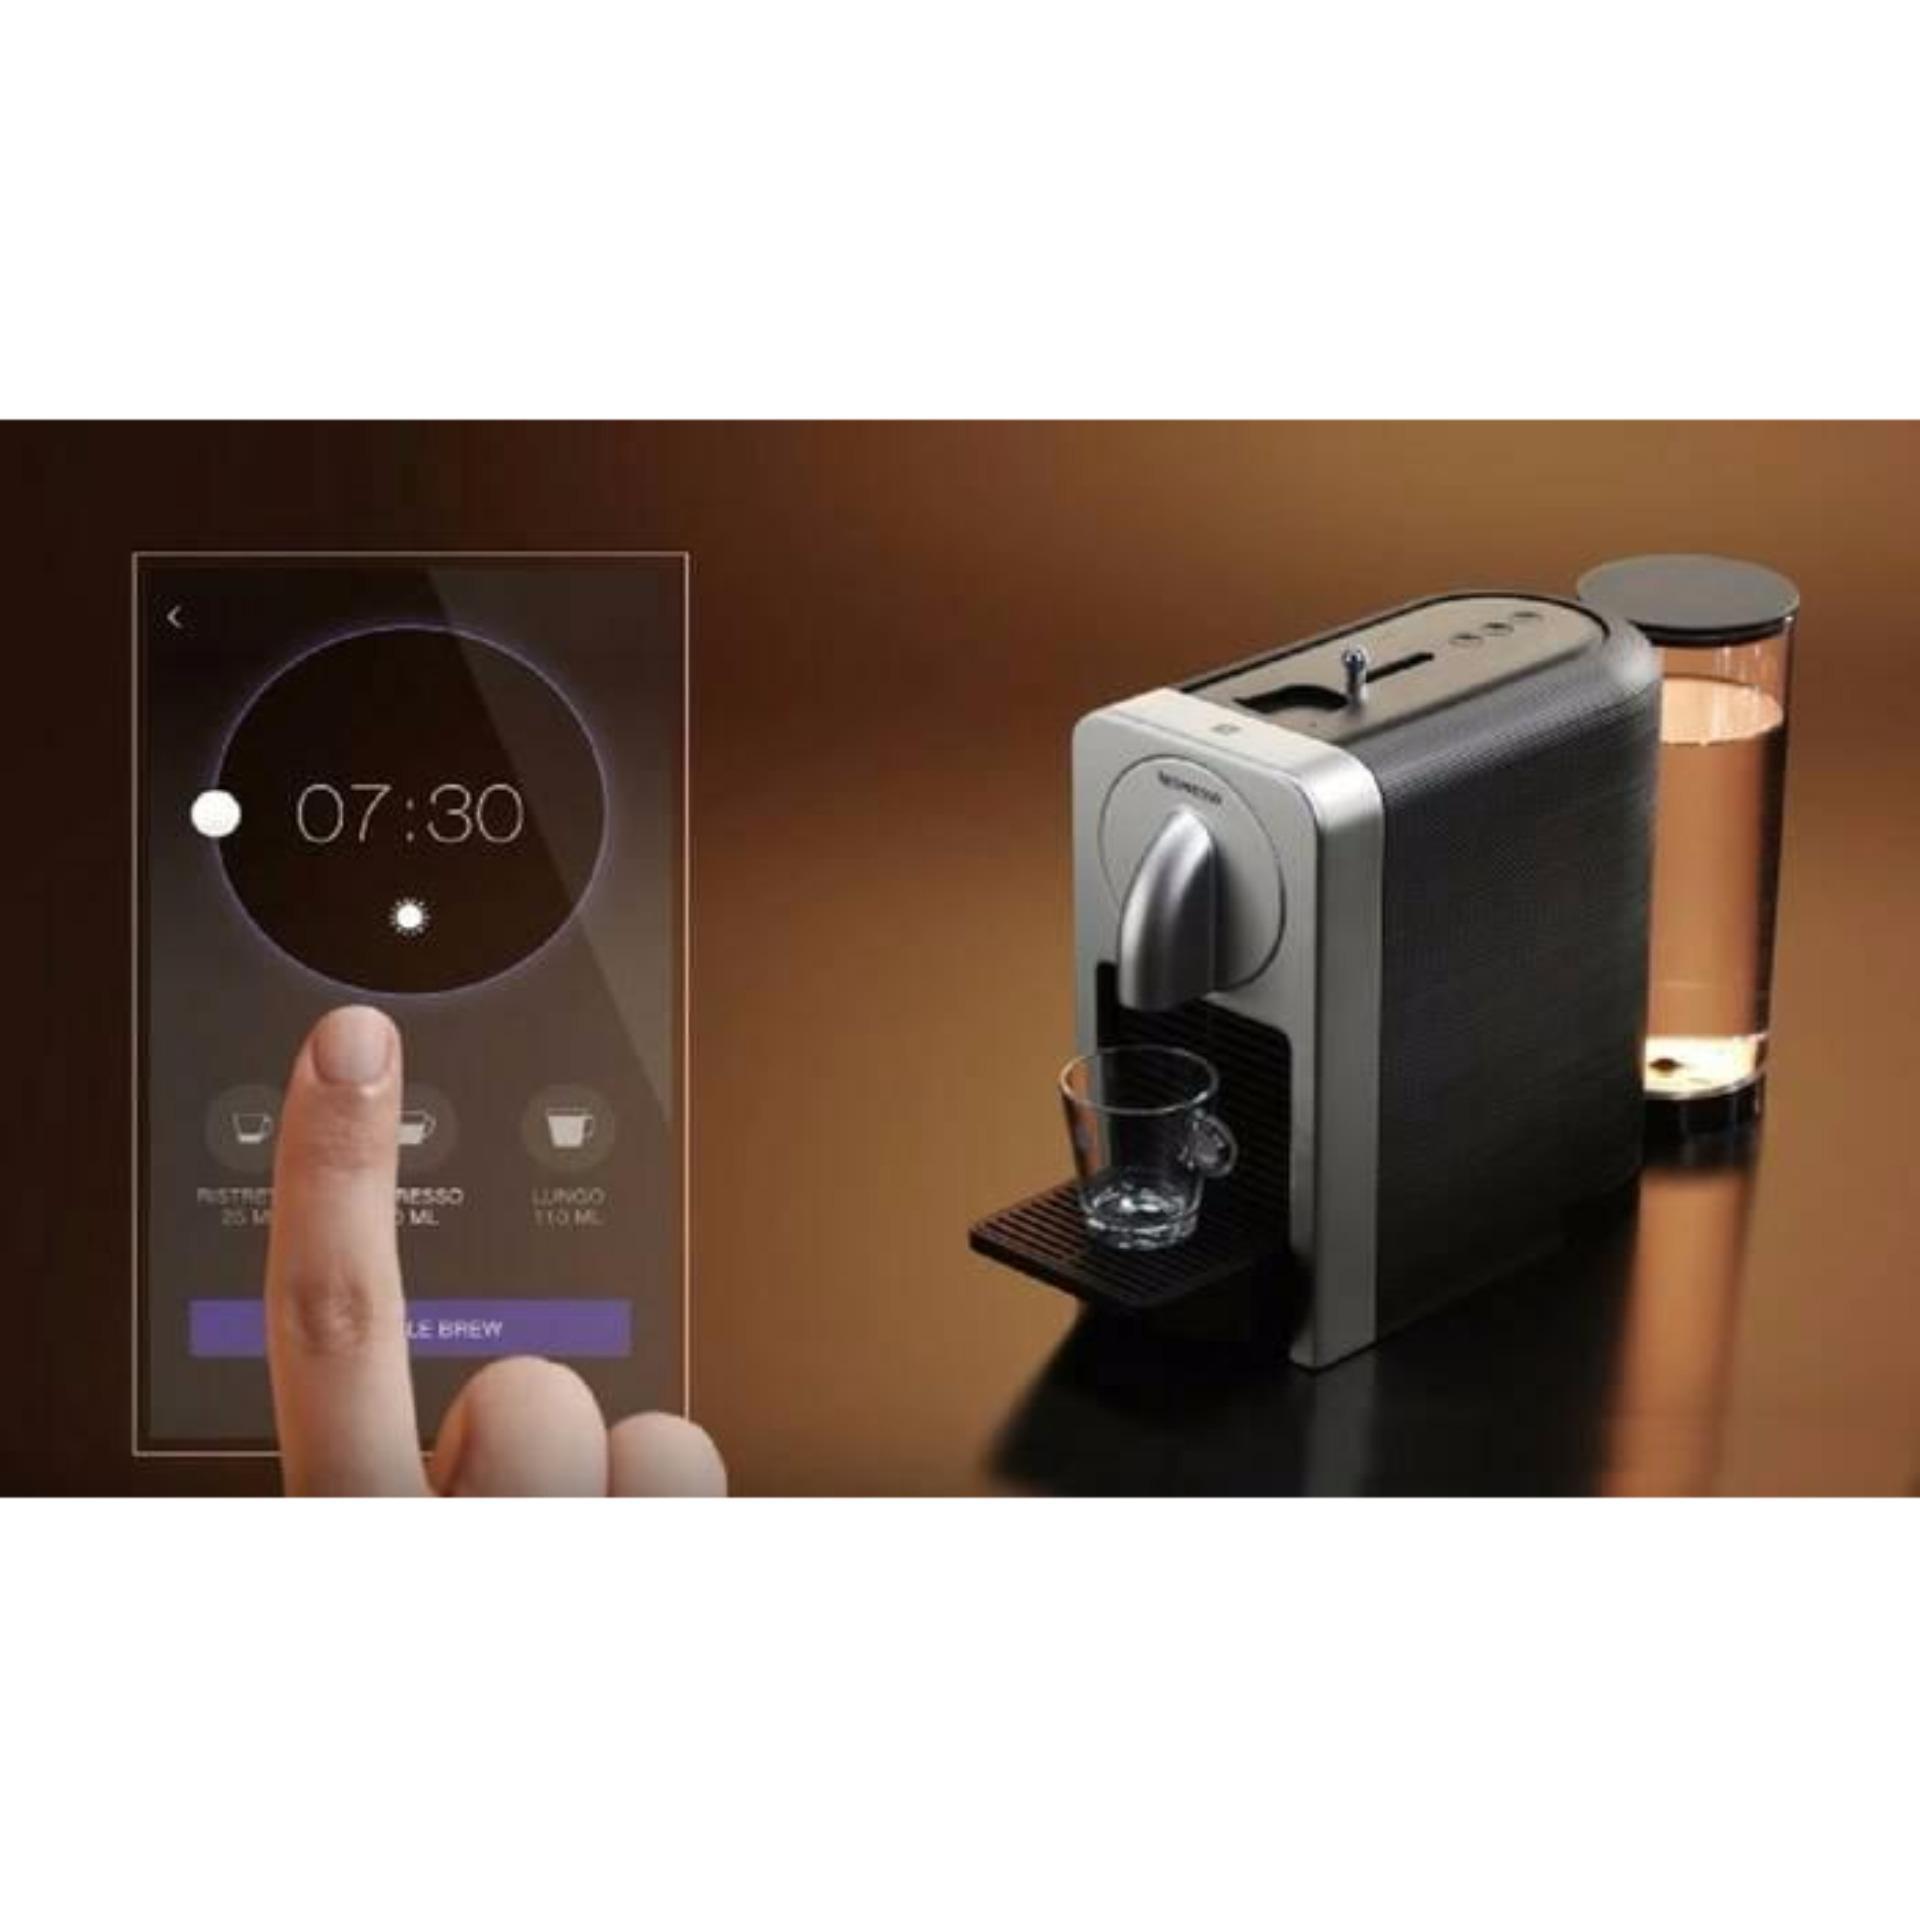 Nescafe Dolce Gusto Mini Me Kp1201 Mesin Pembuat Kopi Putih Cek Sharp Hm 80lw Pemanasan Hanya